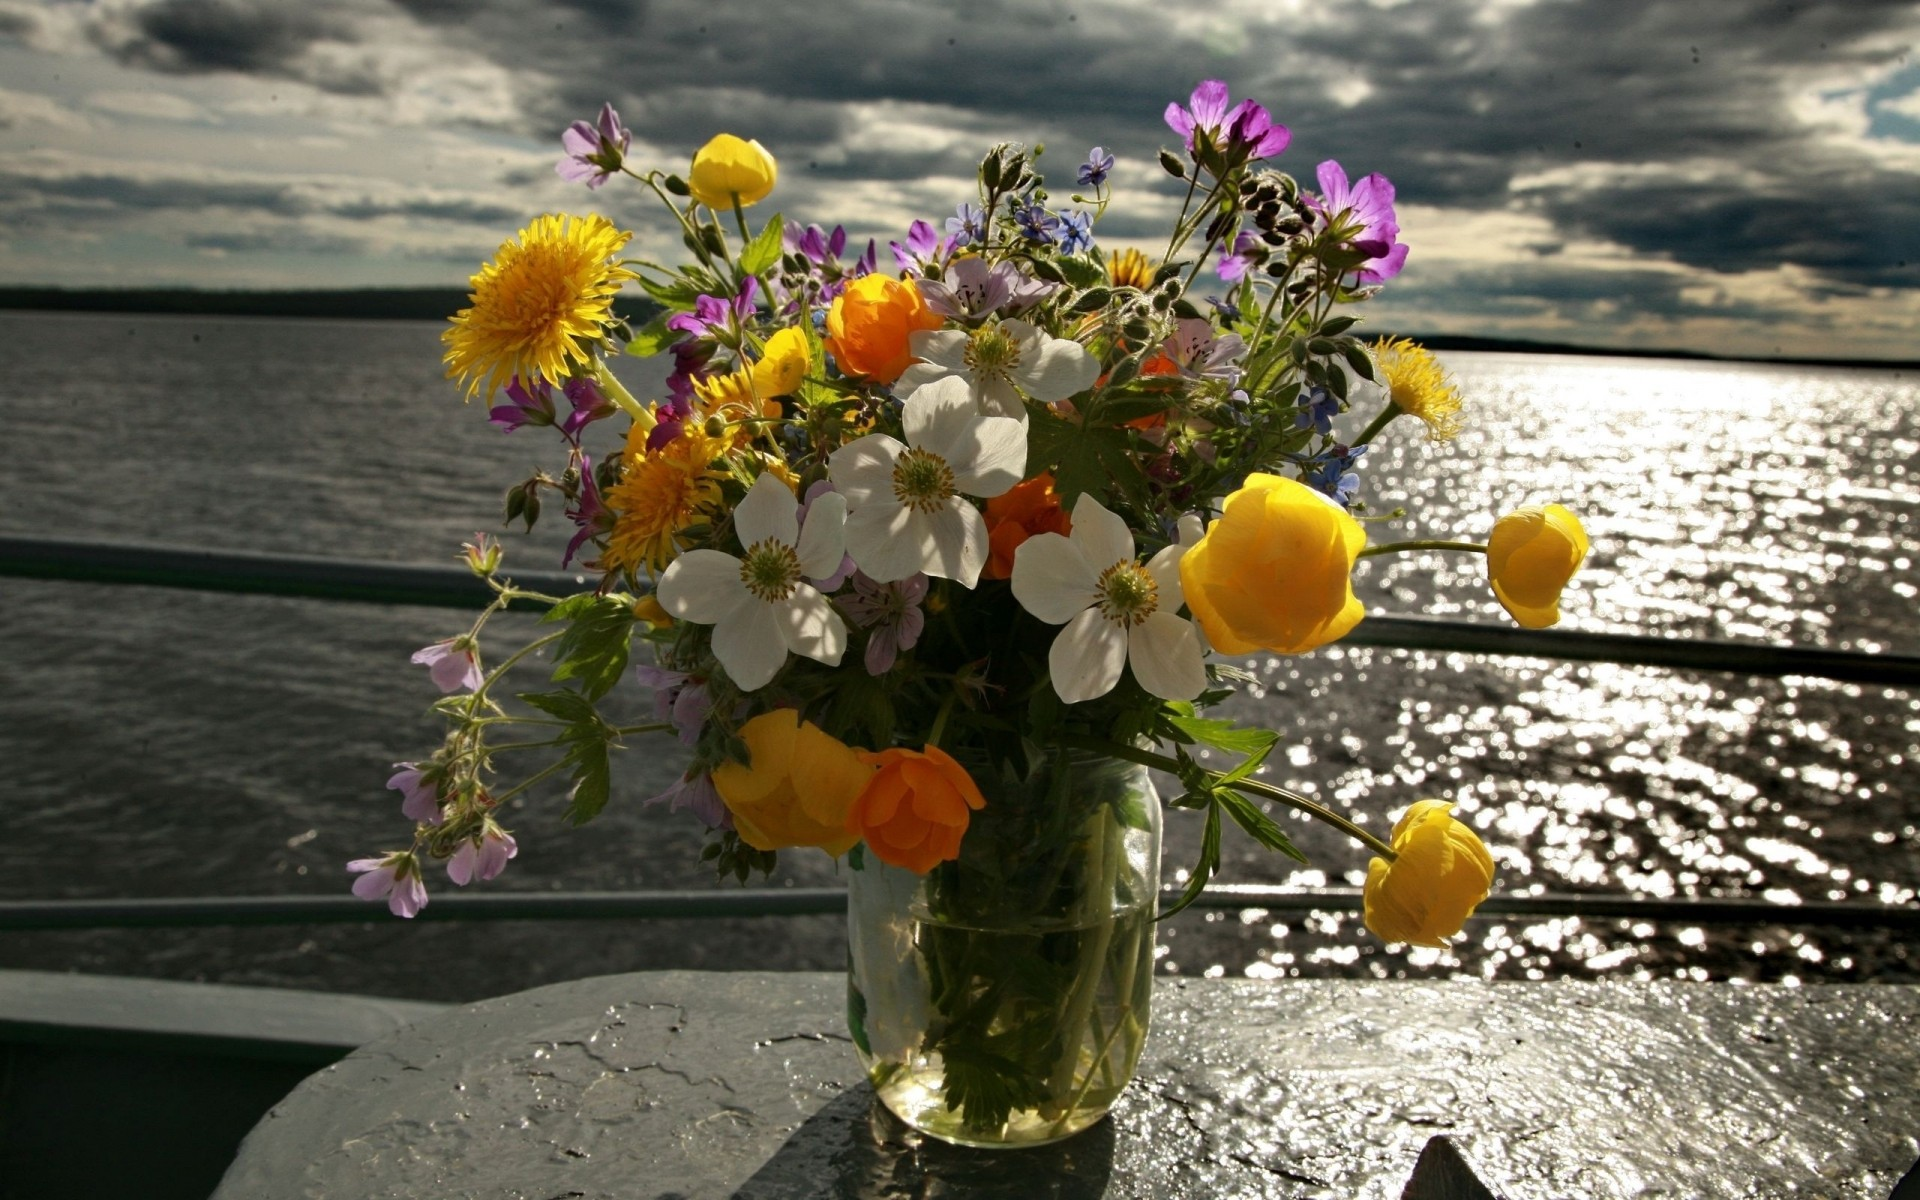 работы открытки цветы и море фото начну именно лимонада